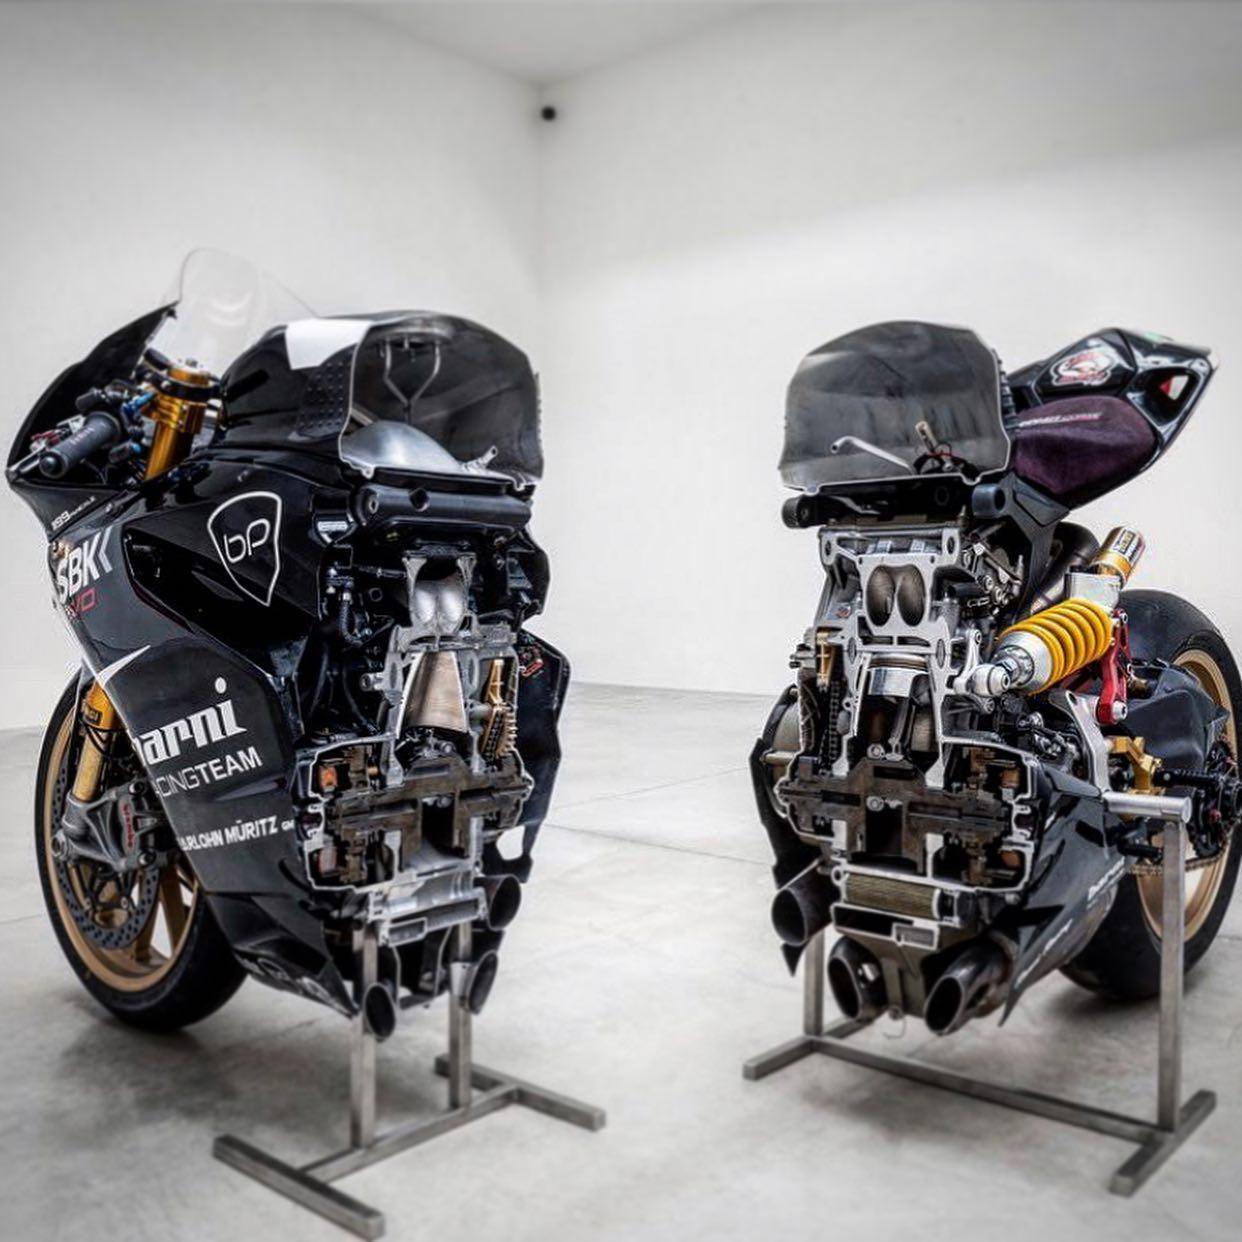 Machines de courses ( Race bikes ) - Page 20 91154745_10157662801613791_3519429131580211200_o